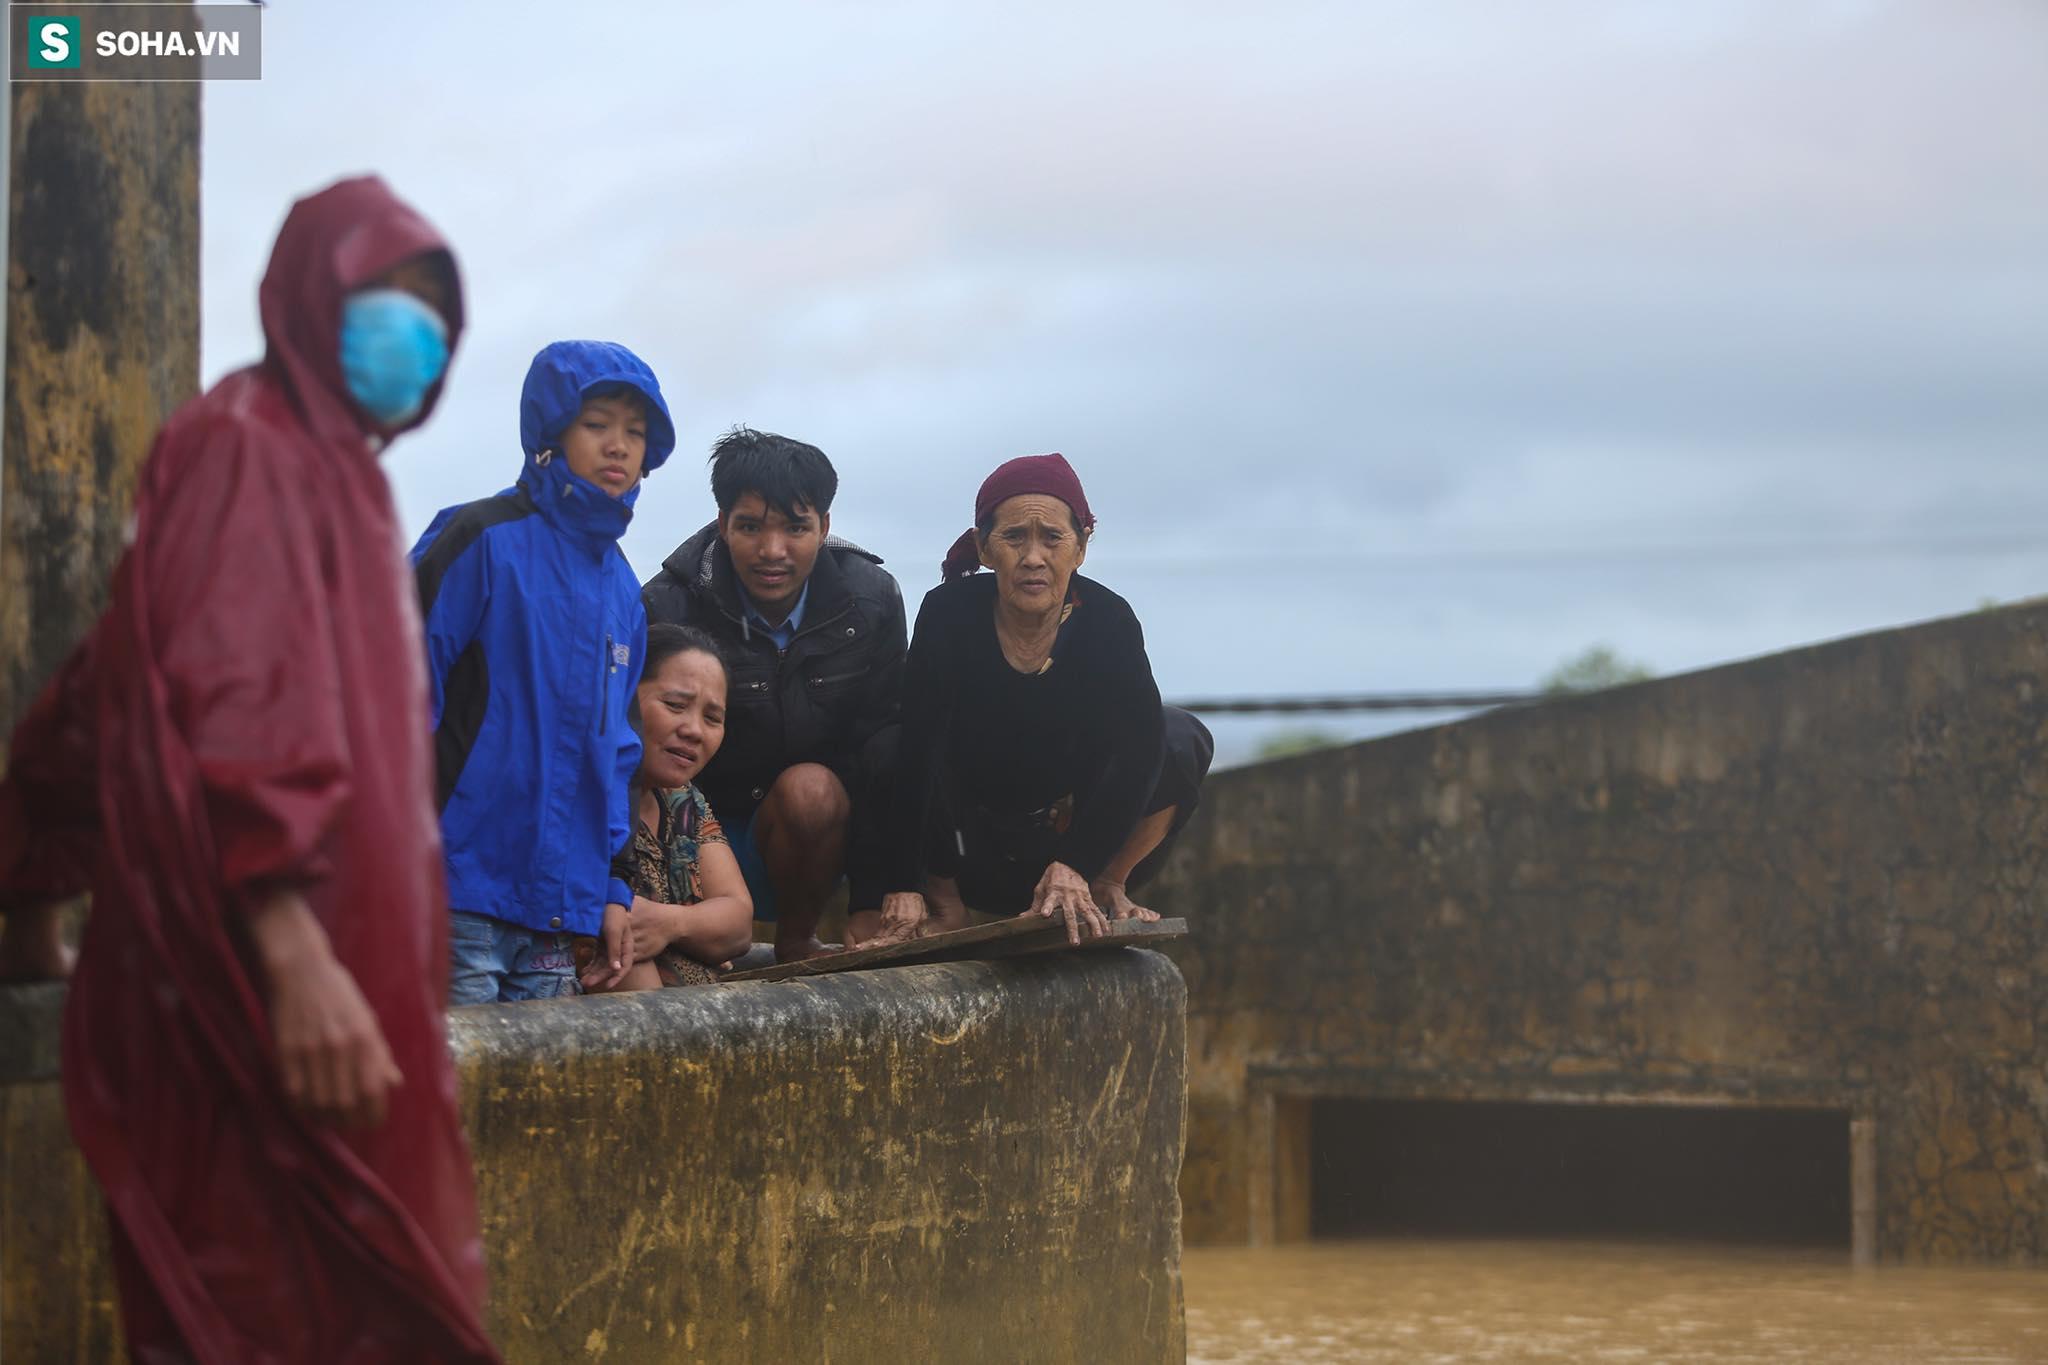 Những cánh tay 'cầu cứu' từ mái nhà trong cơn lũ lịch sử ở Quảng Bình - Ảnh 7.